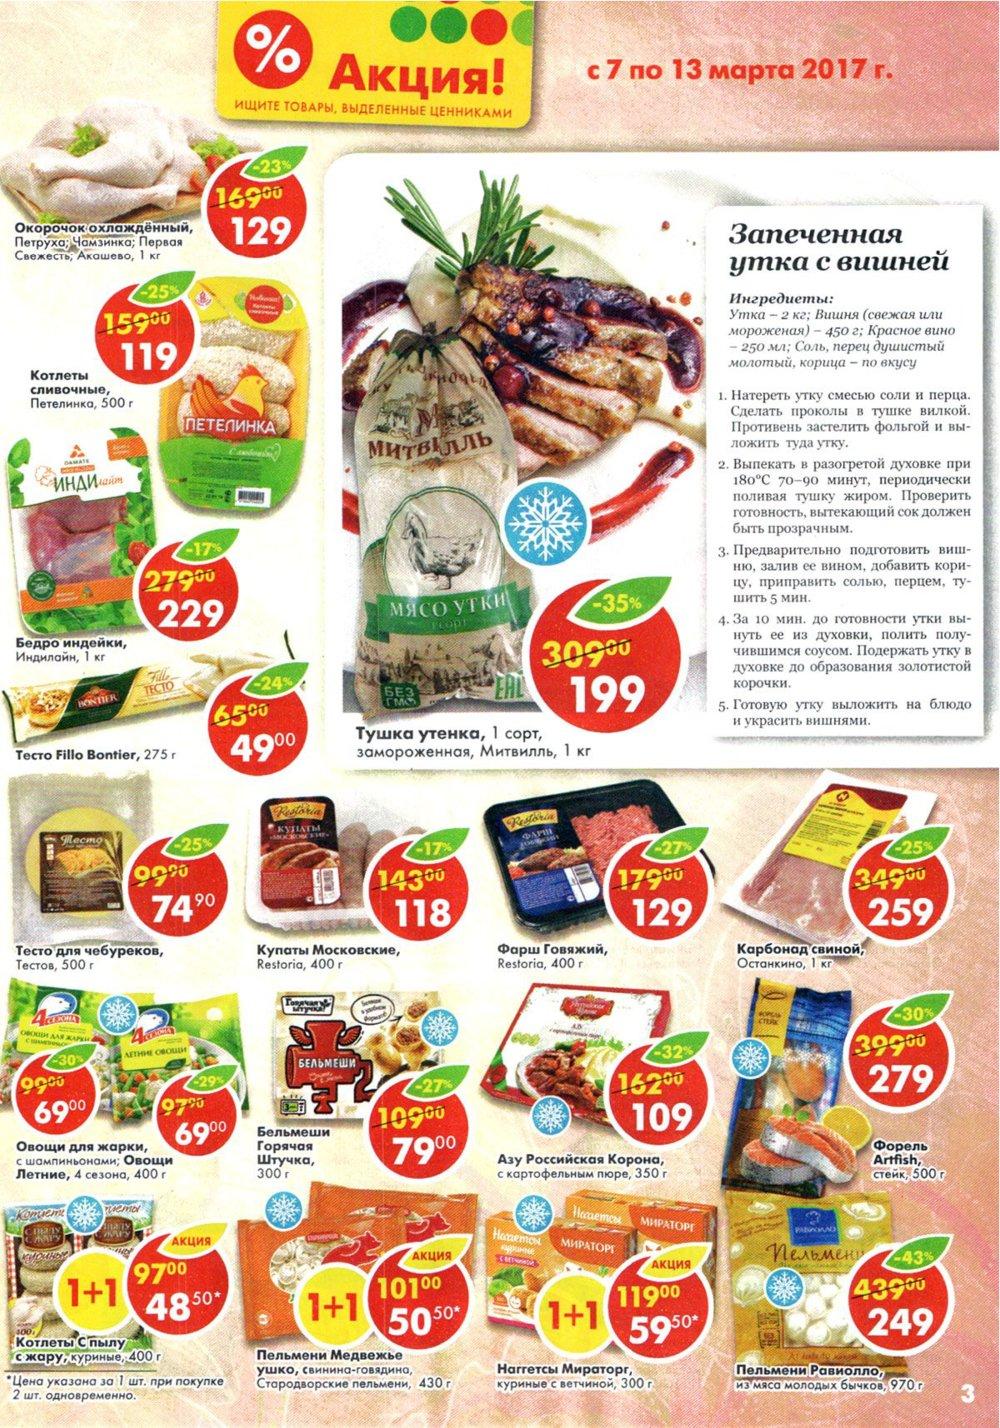 Интернетмагазин косметики и парфюмерии Letoile купить